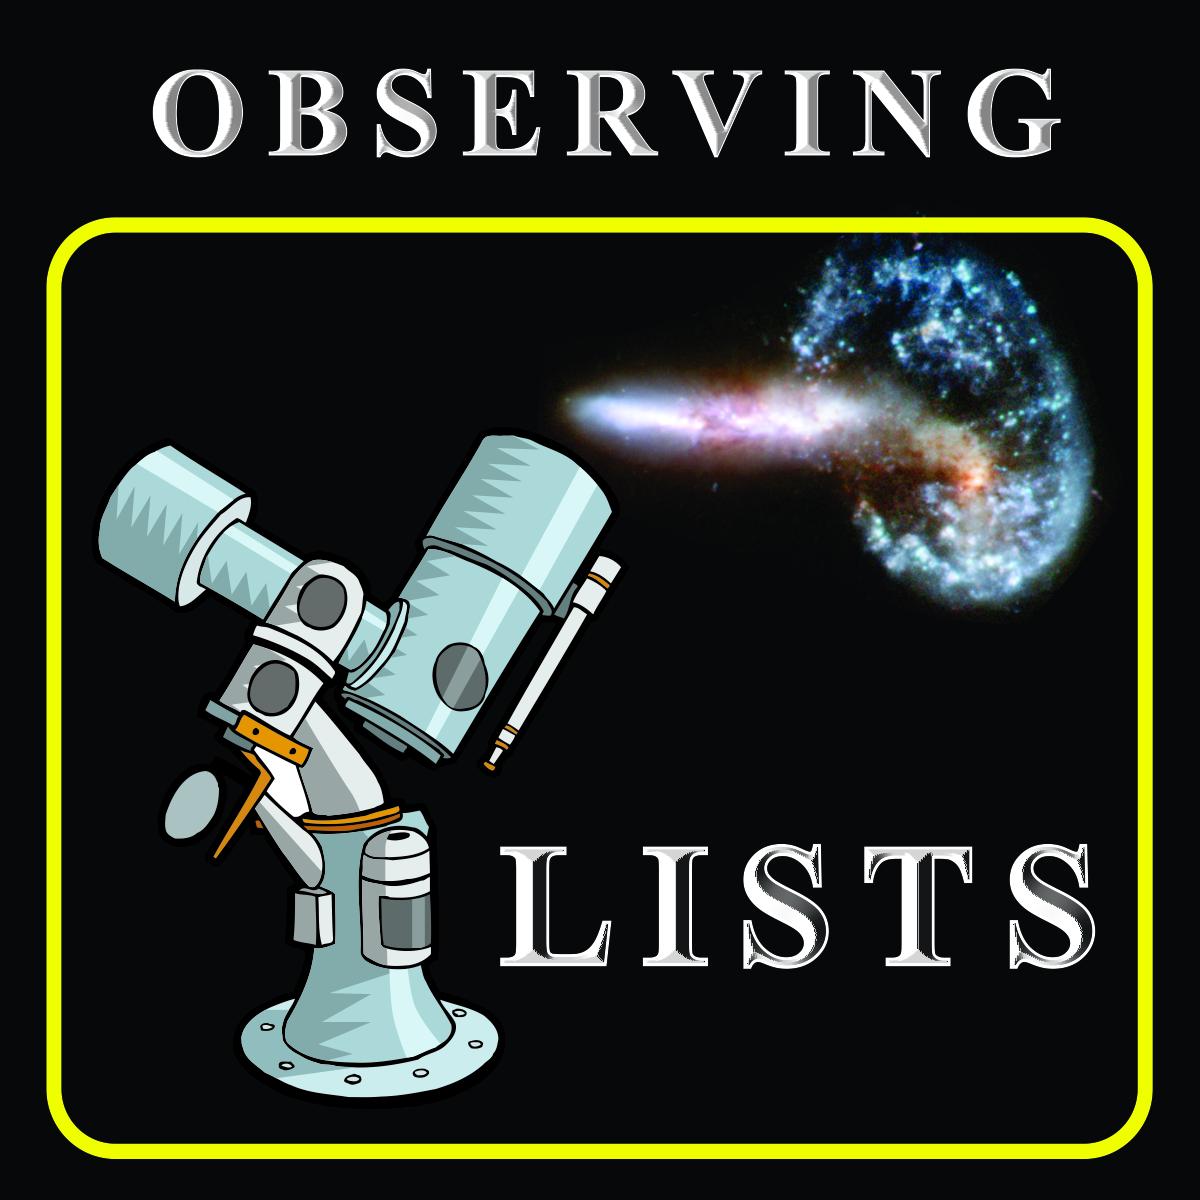 C Observing